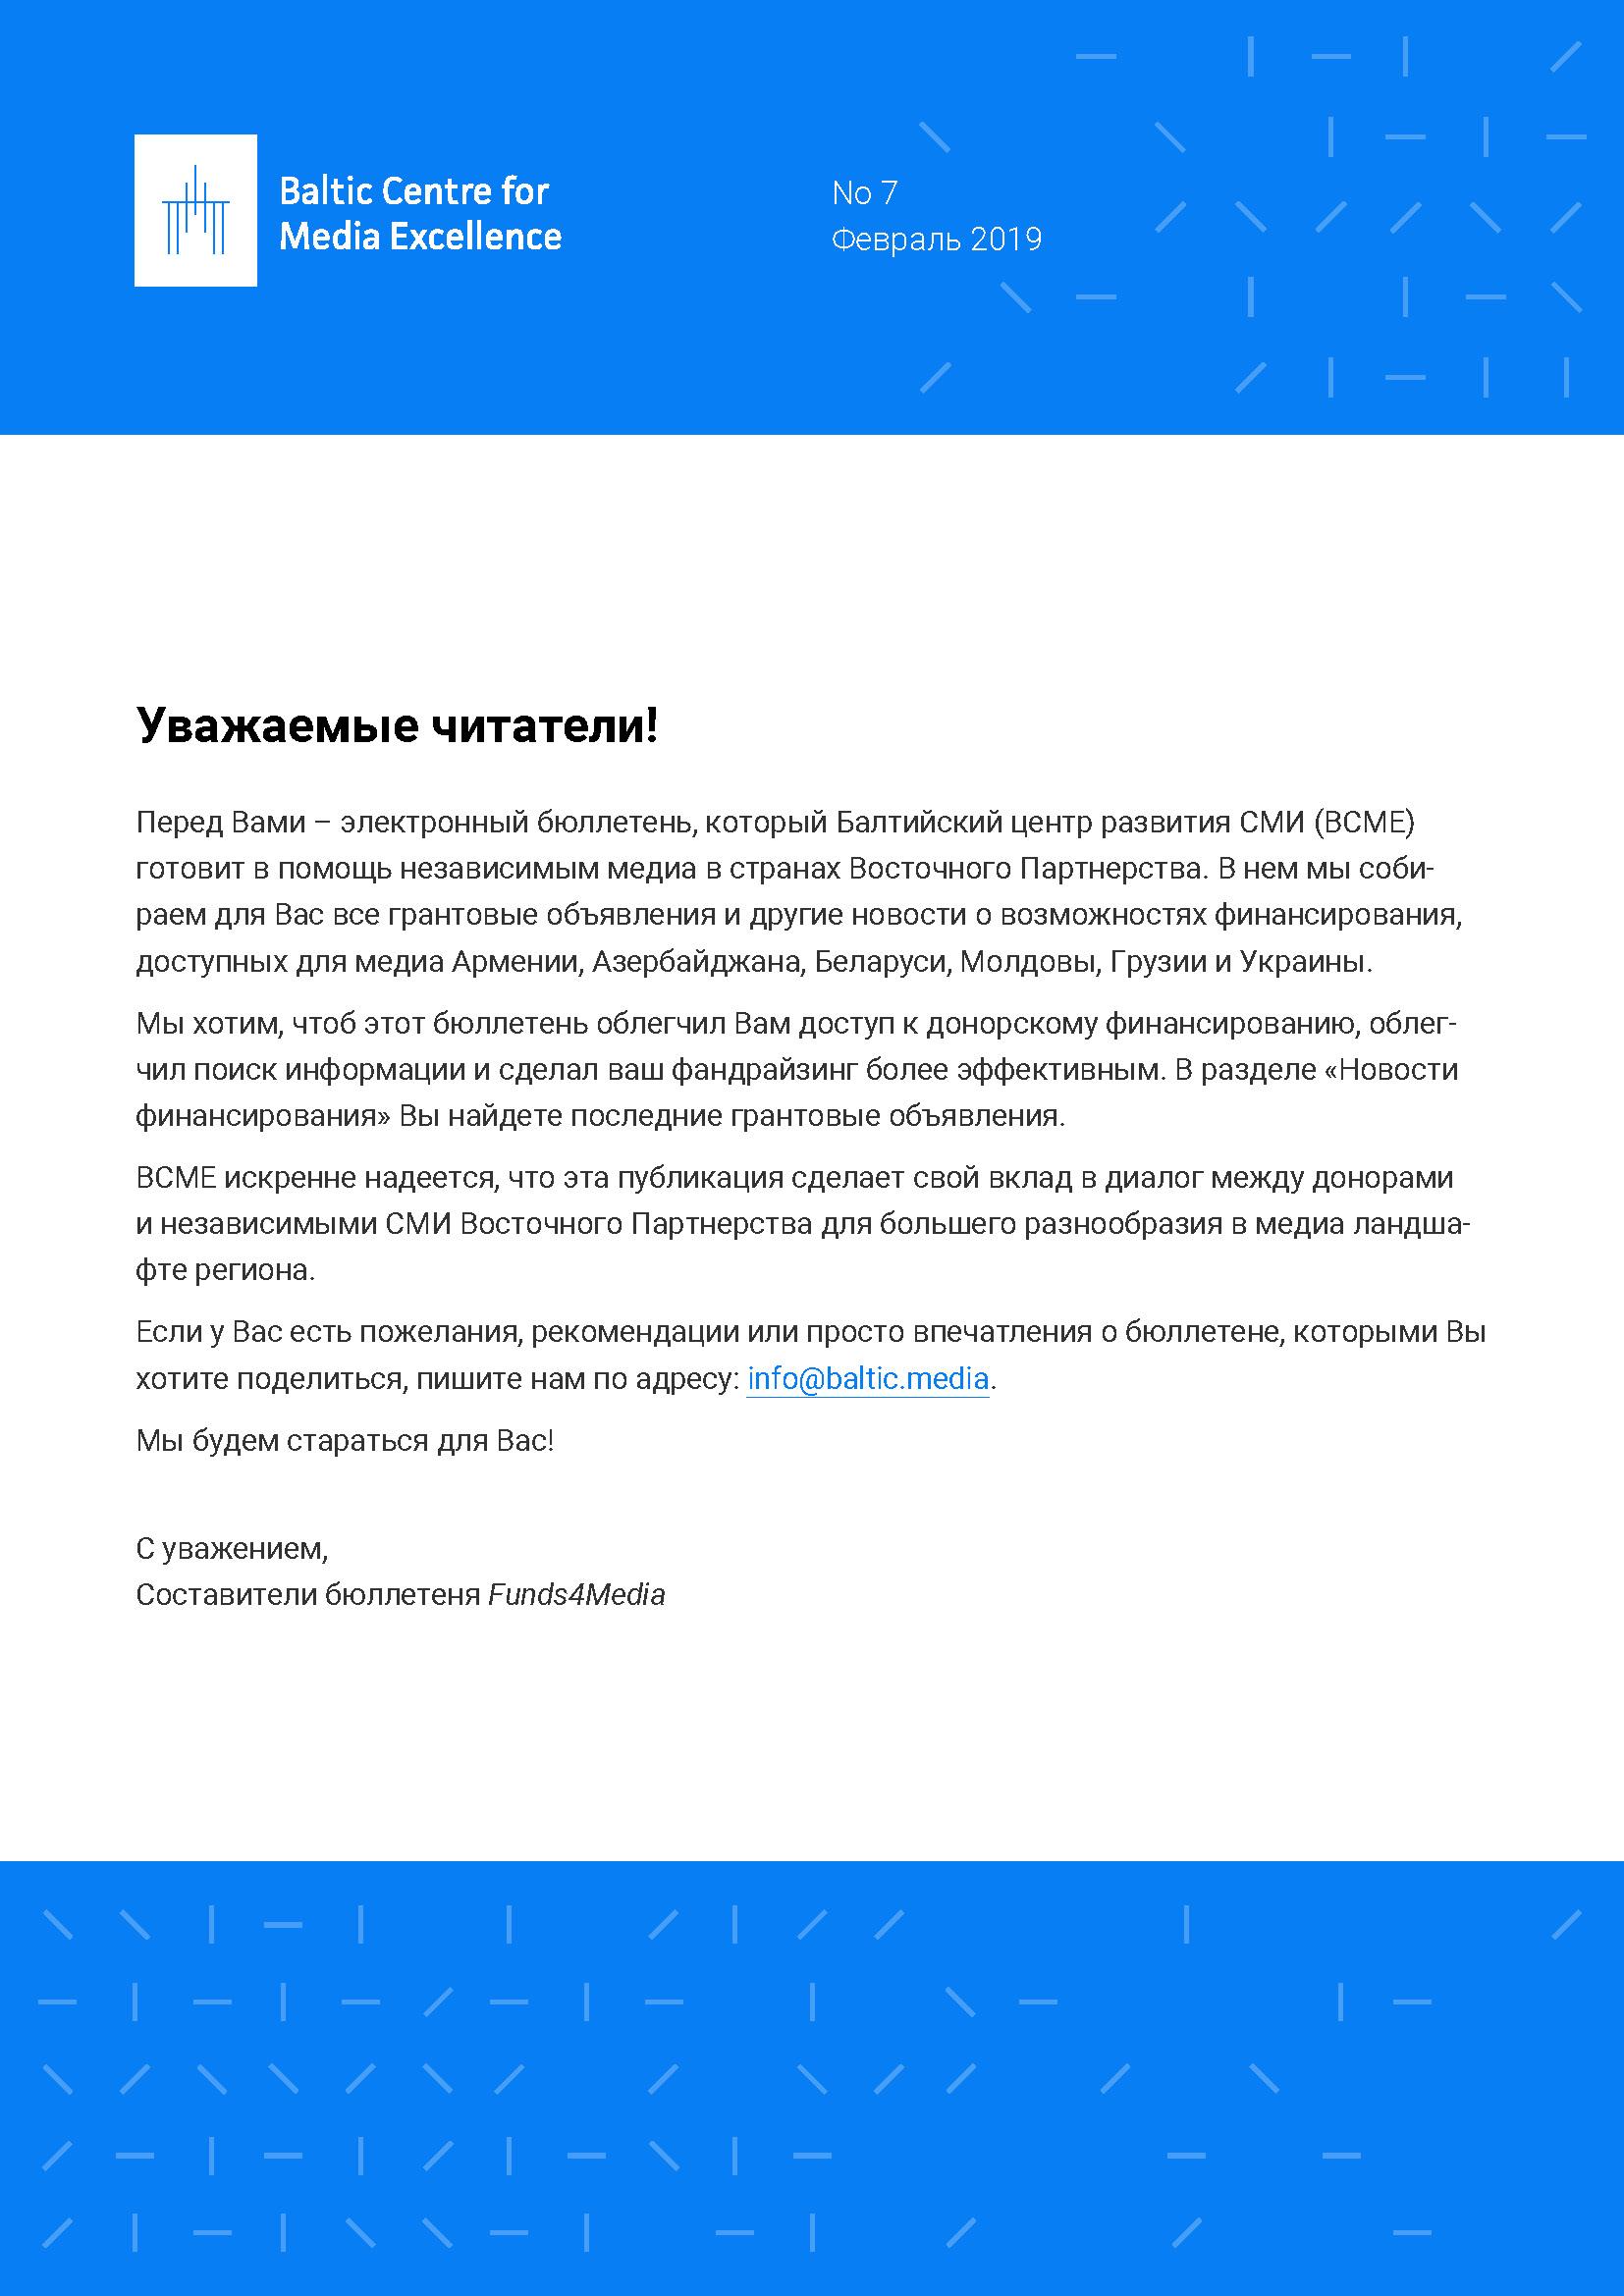 Бюлетень Балтійського центру розвитку ЗМІ. Випуск 7. Лютий 2019 р.